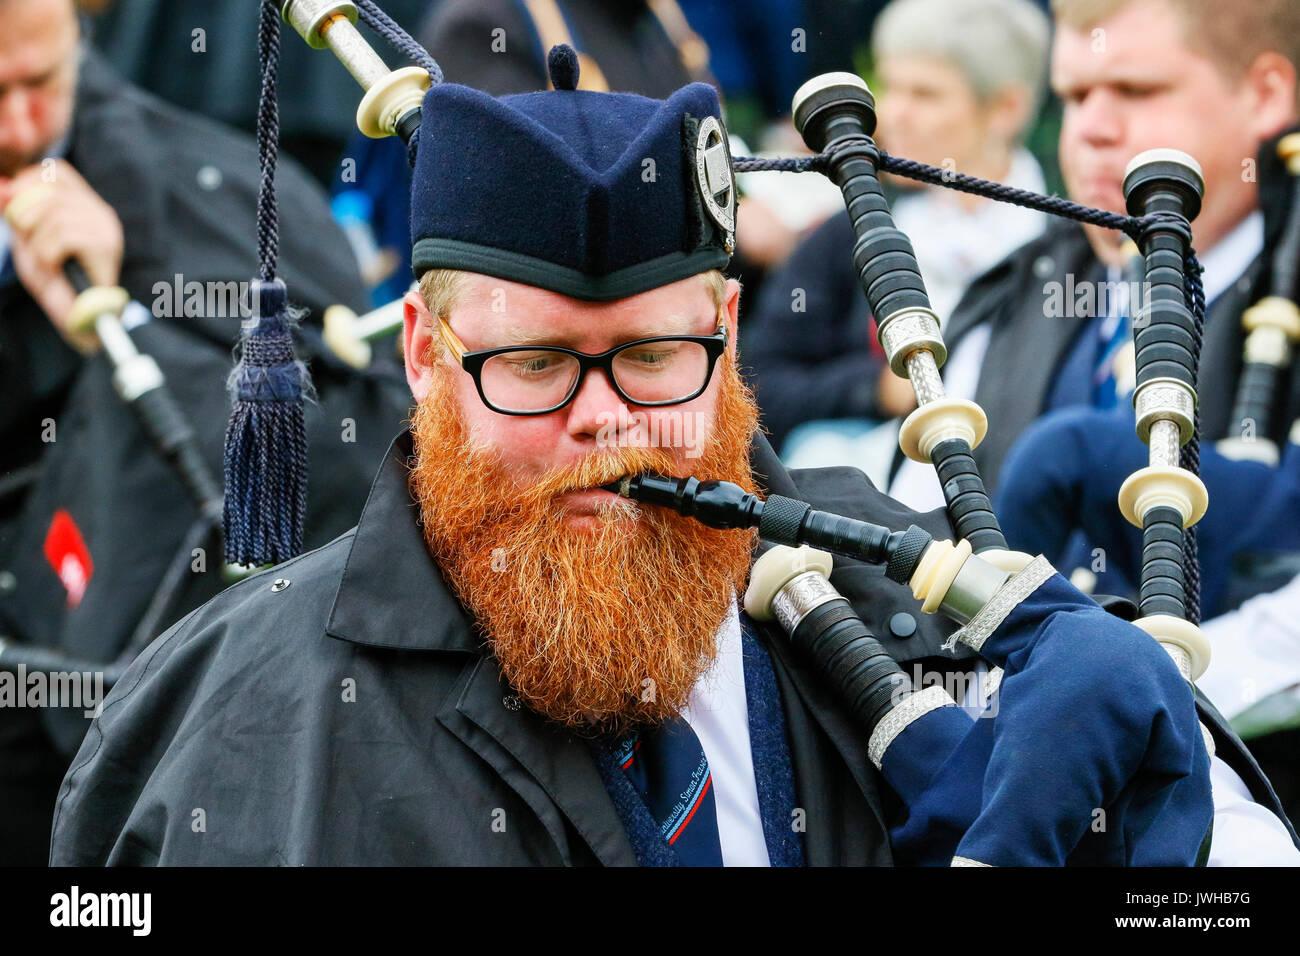 Glasgow, Regno Unito. 12 Ago, 2017. È stato stimato che più di 10.000 spettatori si è rivelato per guardare il giorno Foto Stock